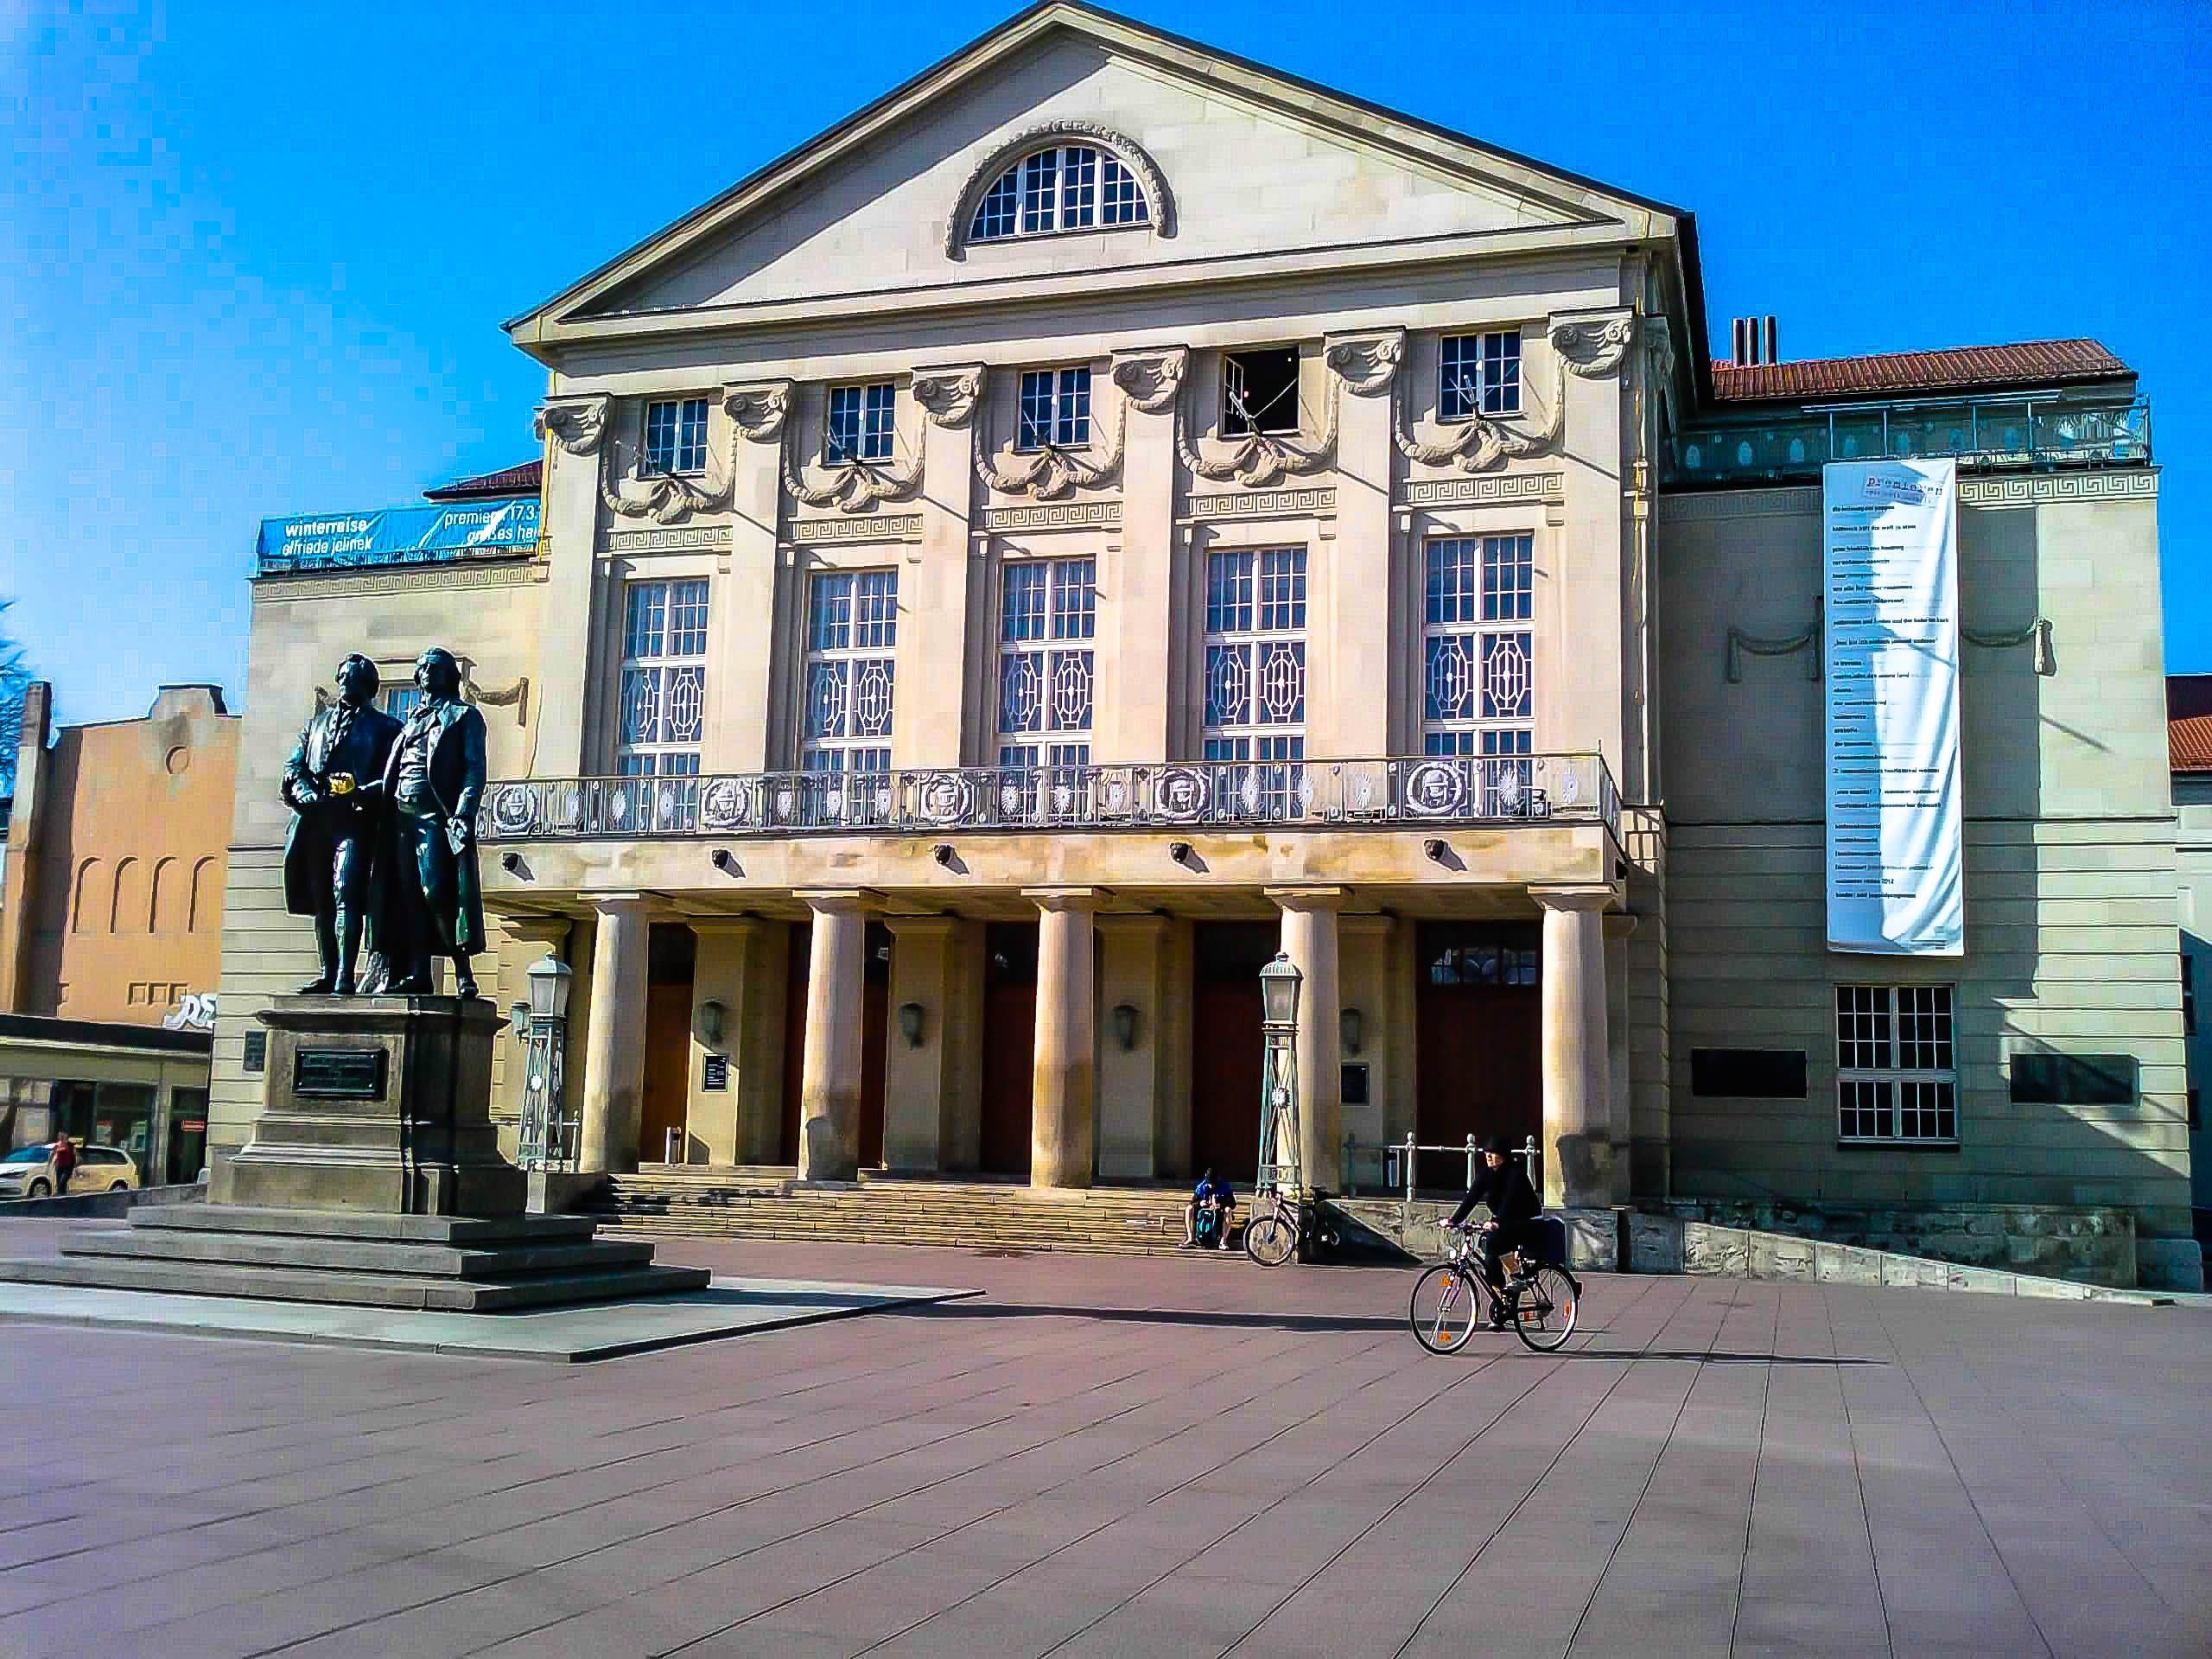 Free stock photo of Theaterplatz Weimar, Deutsches Nationaltheater